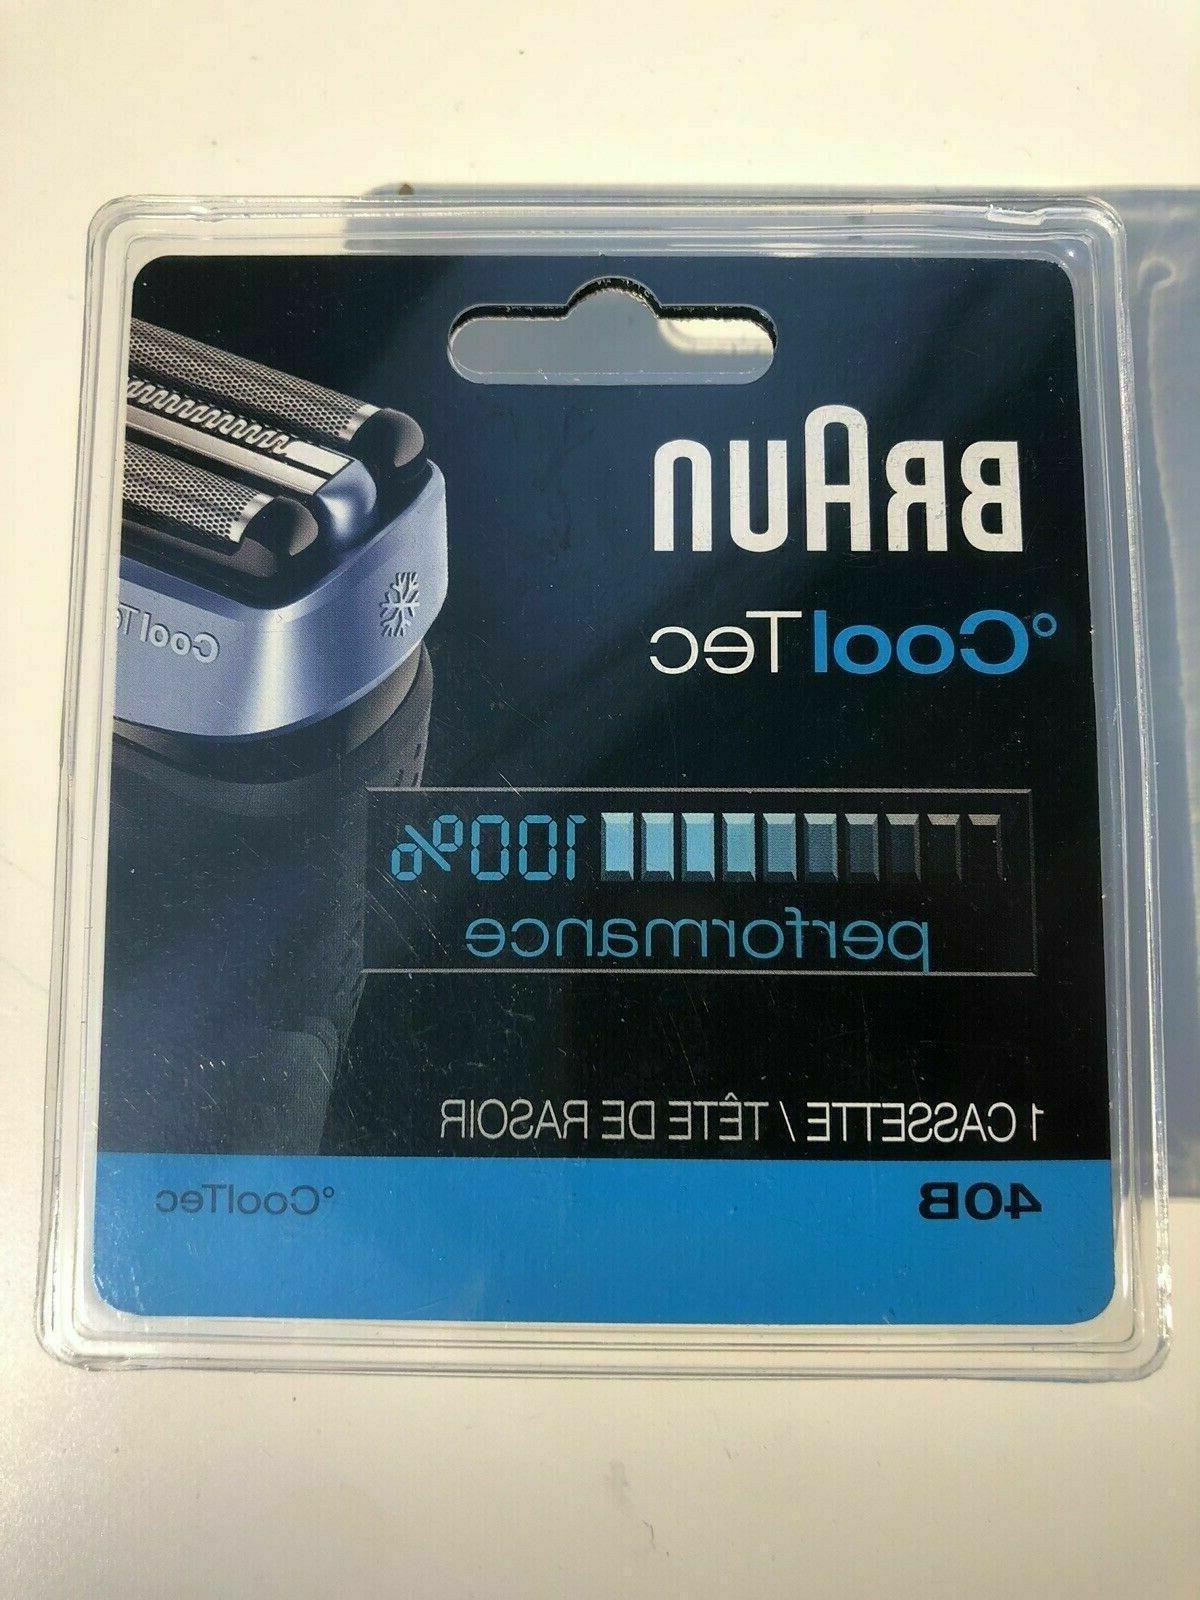 40b cooltec cassette foil cutter shaver 100